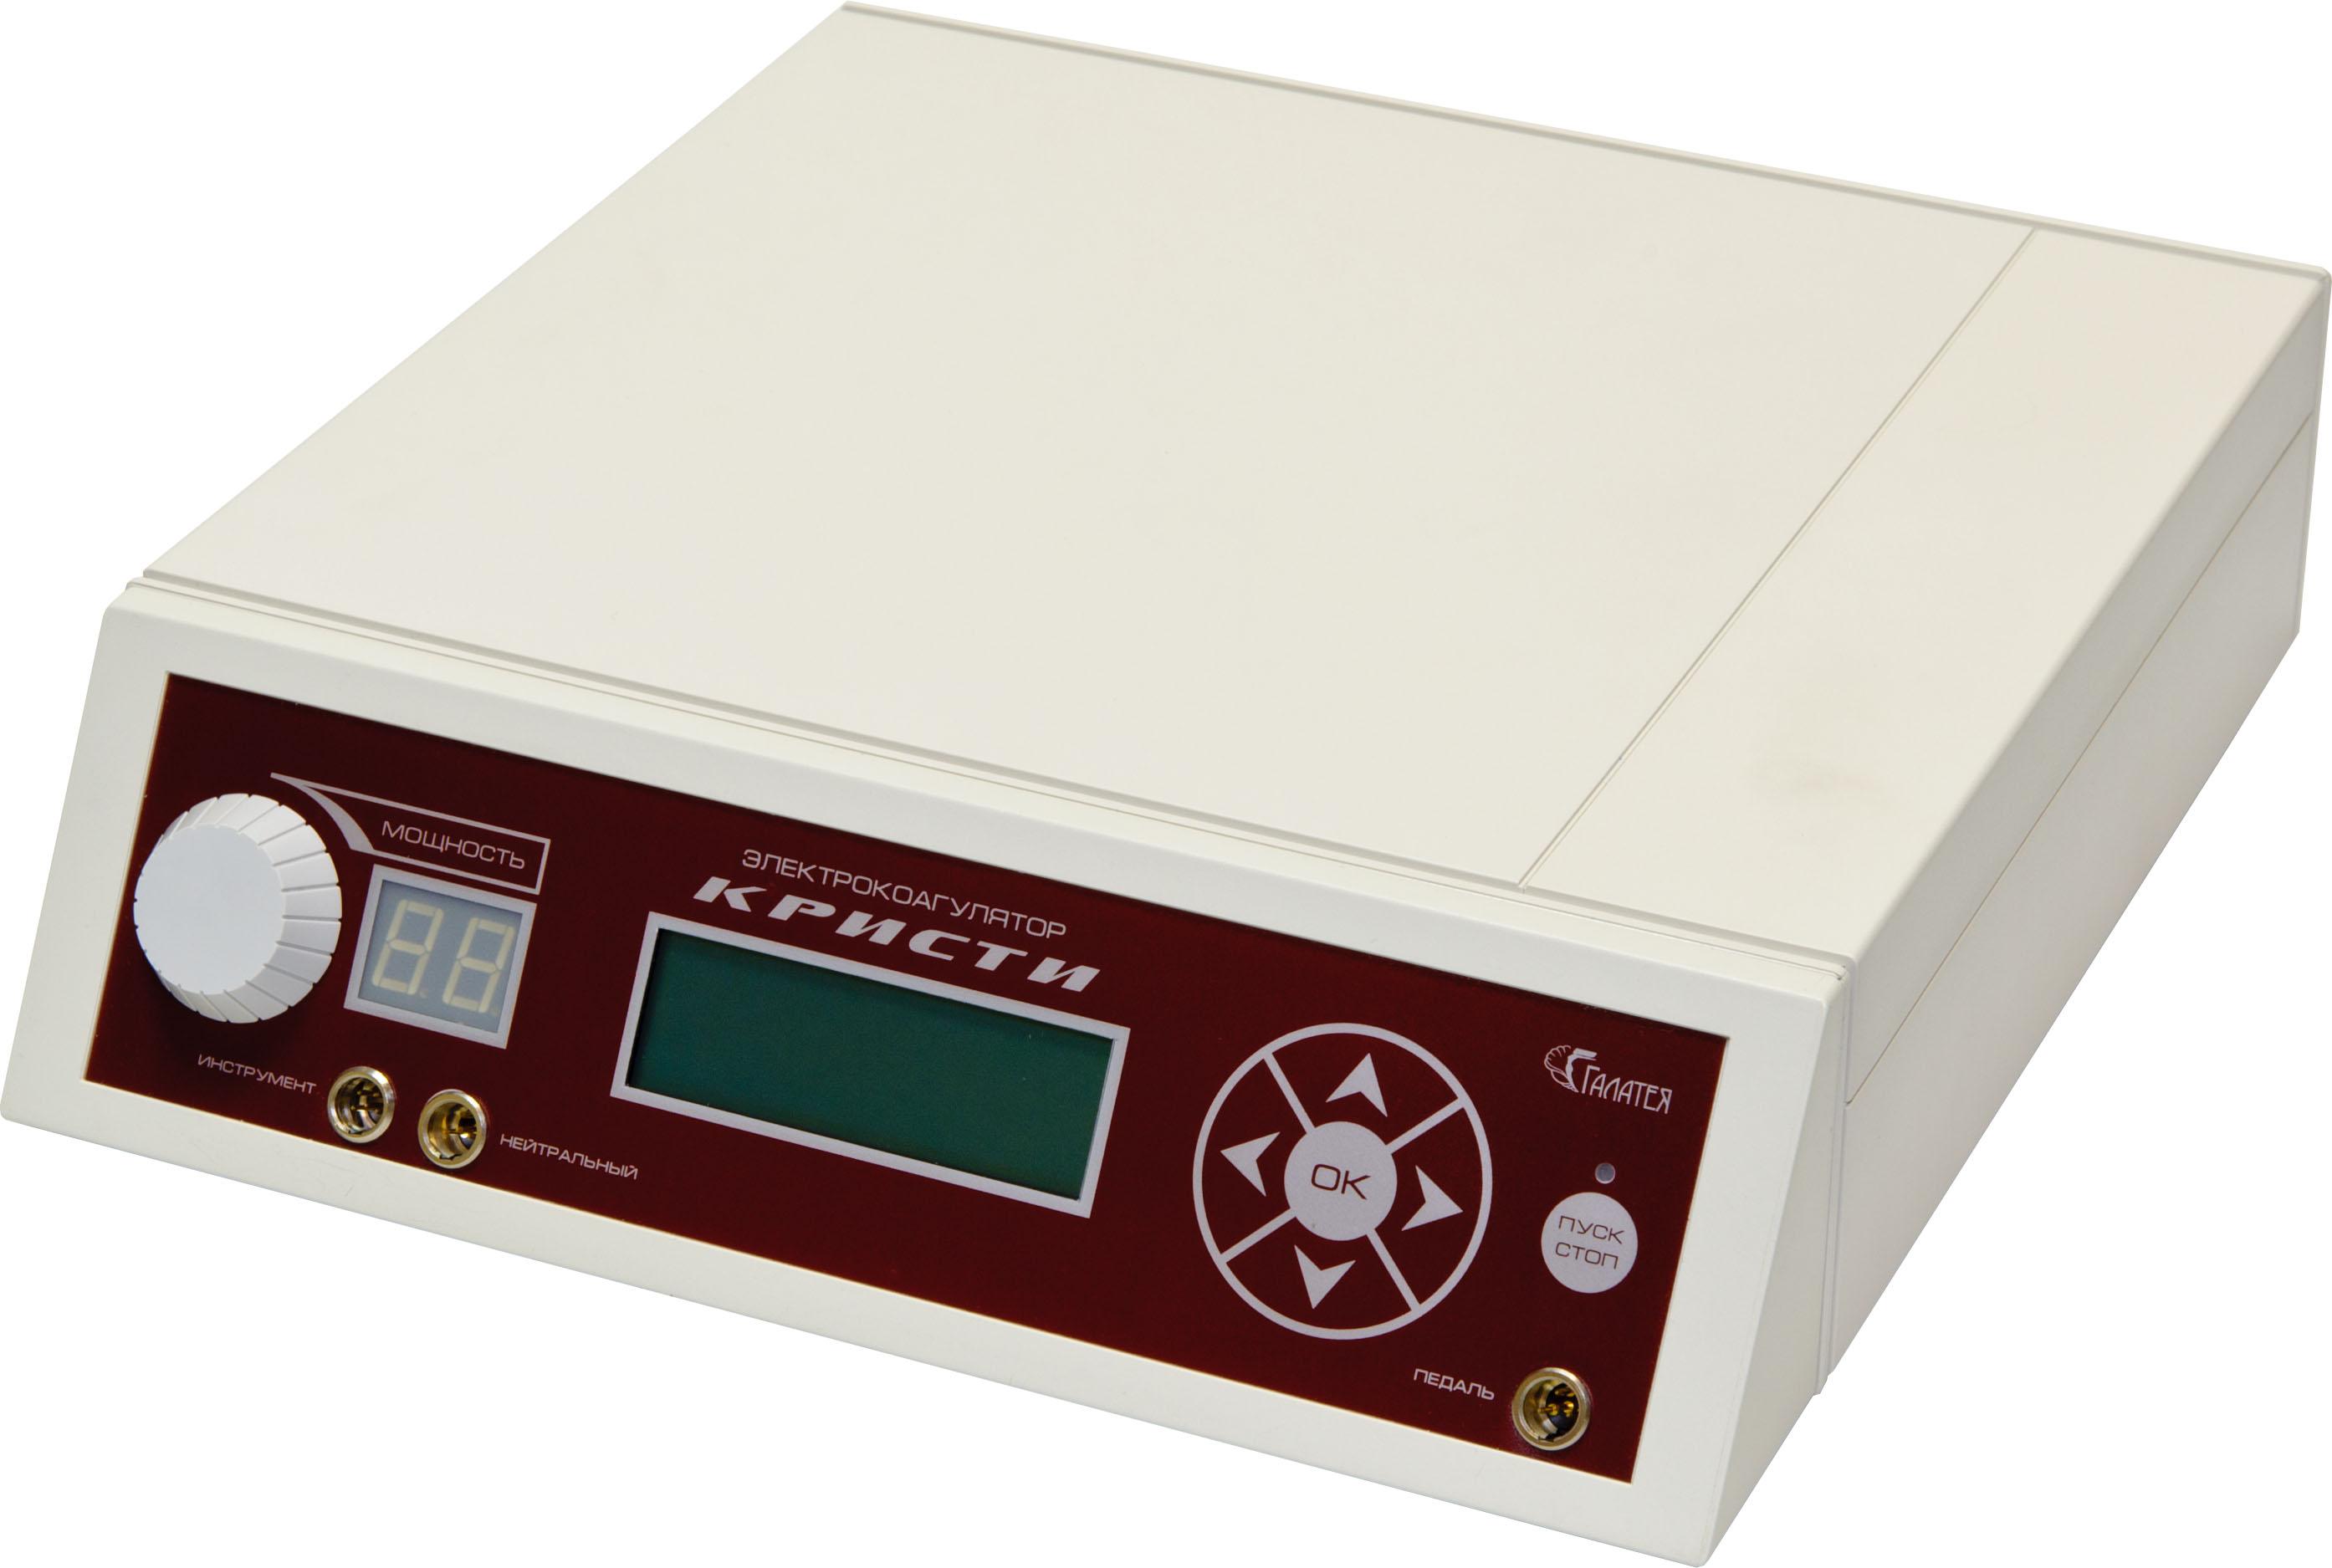 Аппарат для электрокоагуляции/электрокоагулятор КРИСТИ «Галатея»